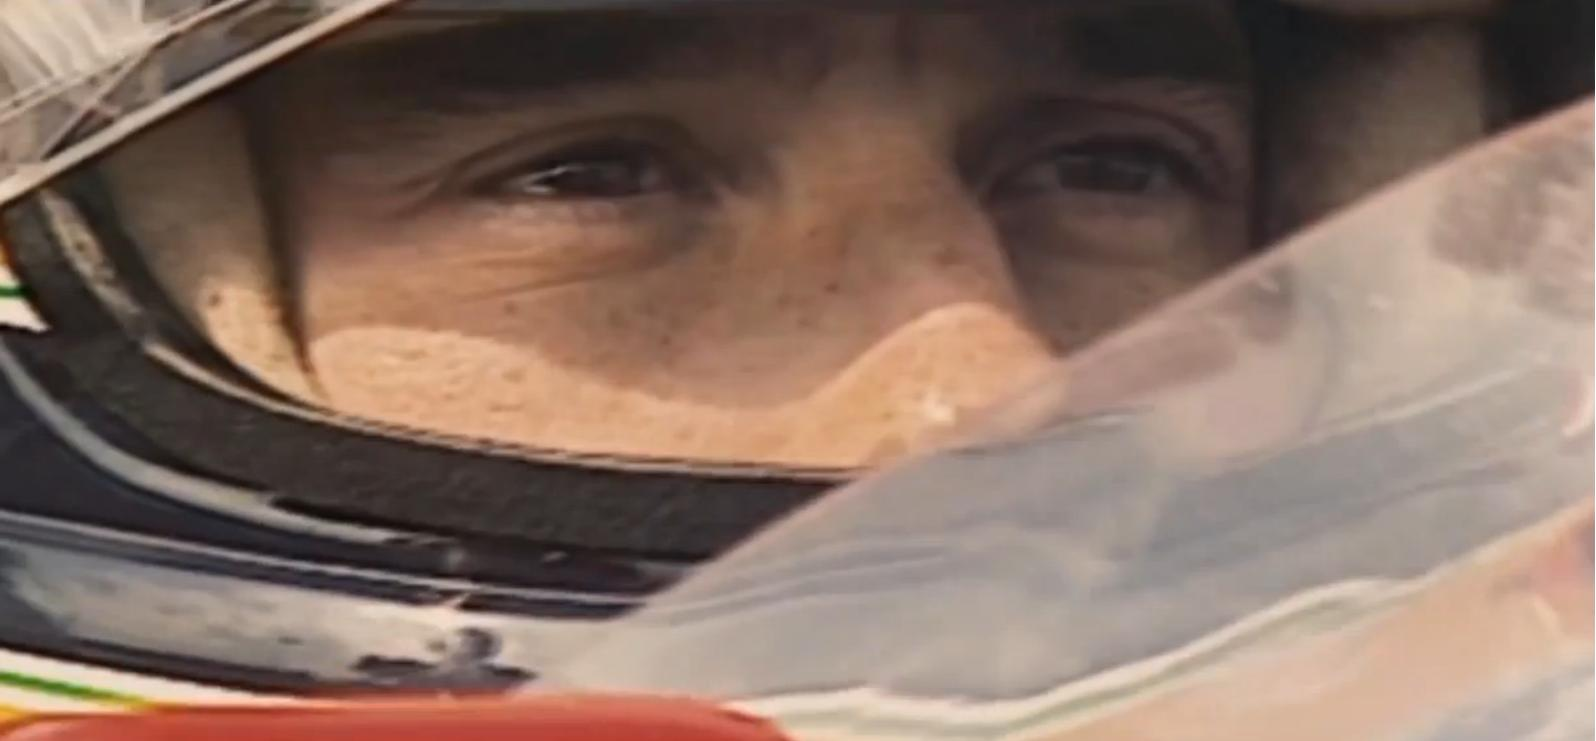 F1 2014: Egy szenzációs videó az új szezon előtt! Ez garantáltan felpörget